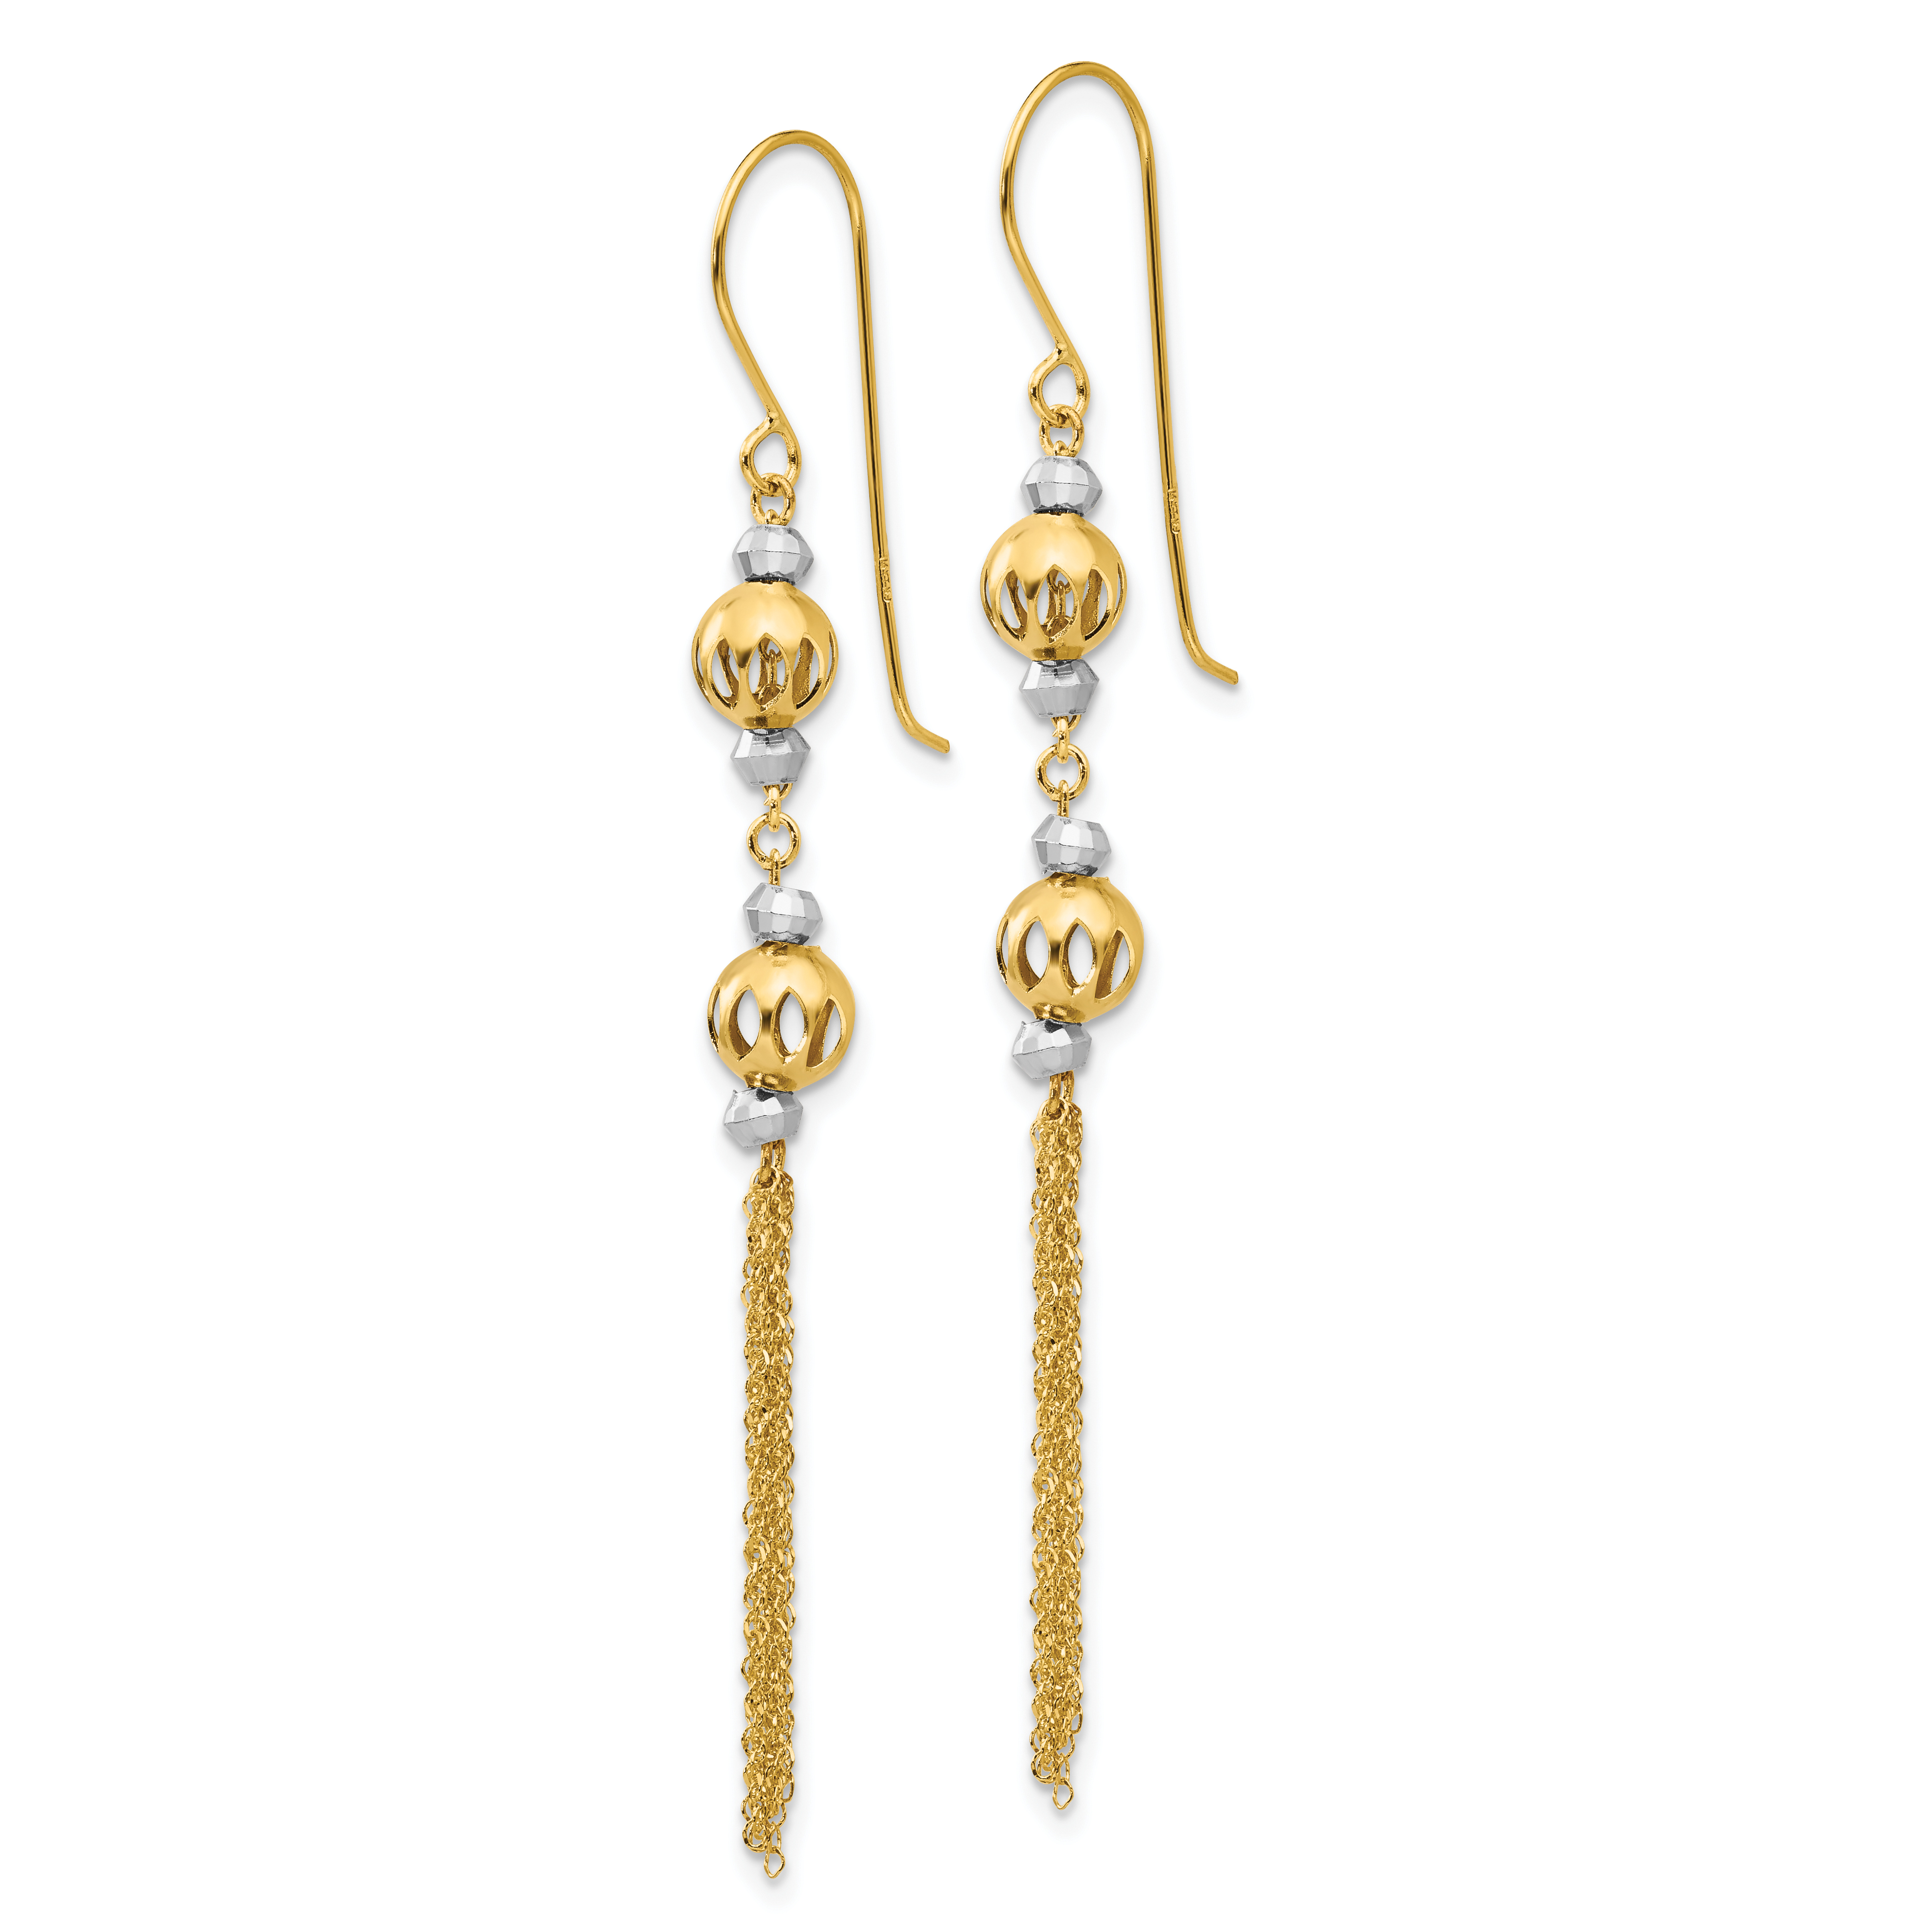 2.1IN x 0.4IN 14k Yellow Gold Bead Chain Shepherd Hook Dangle Earrings